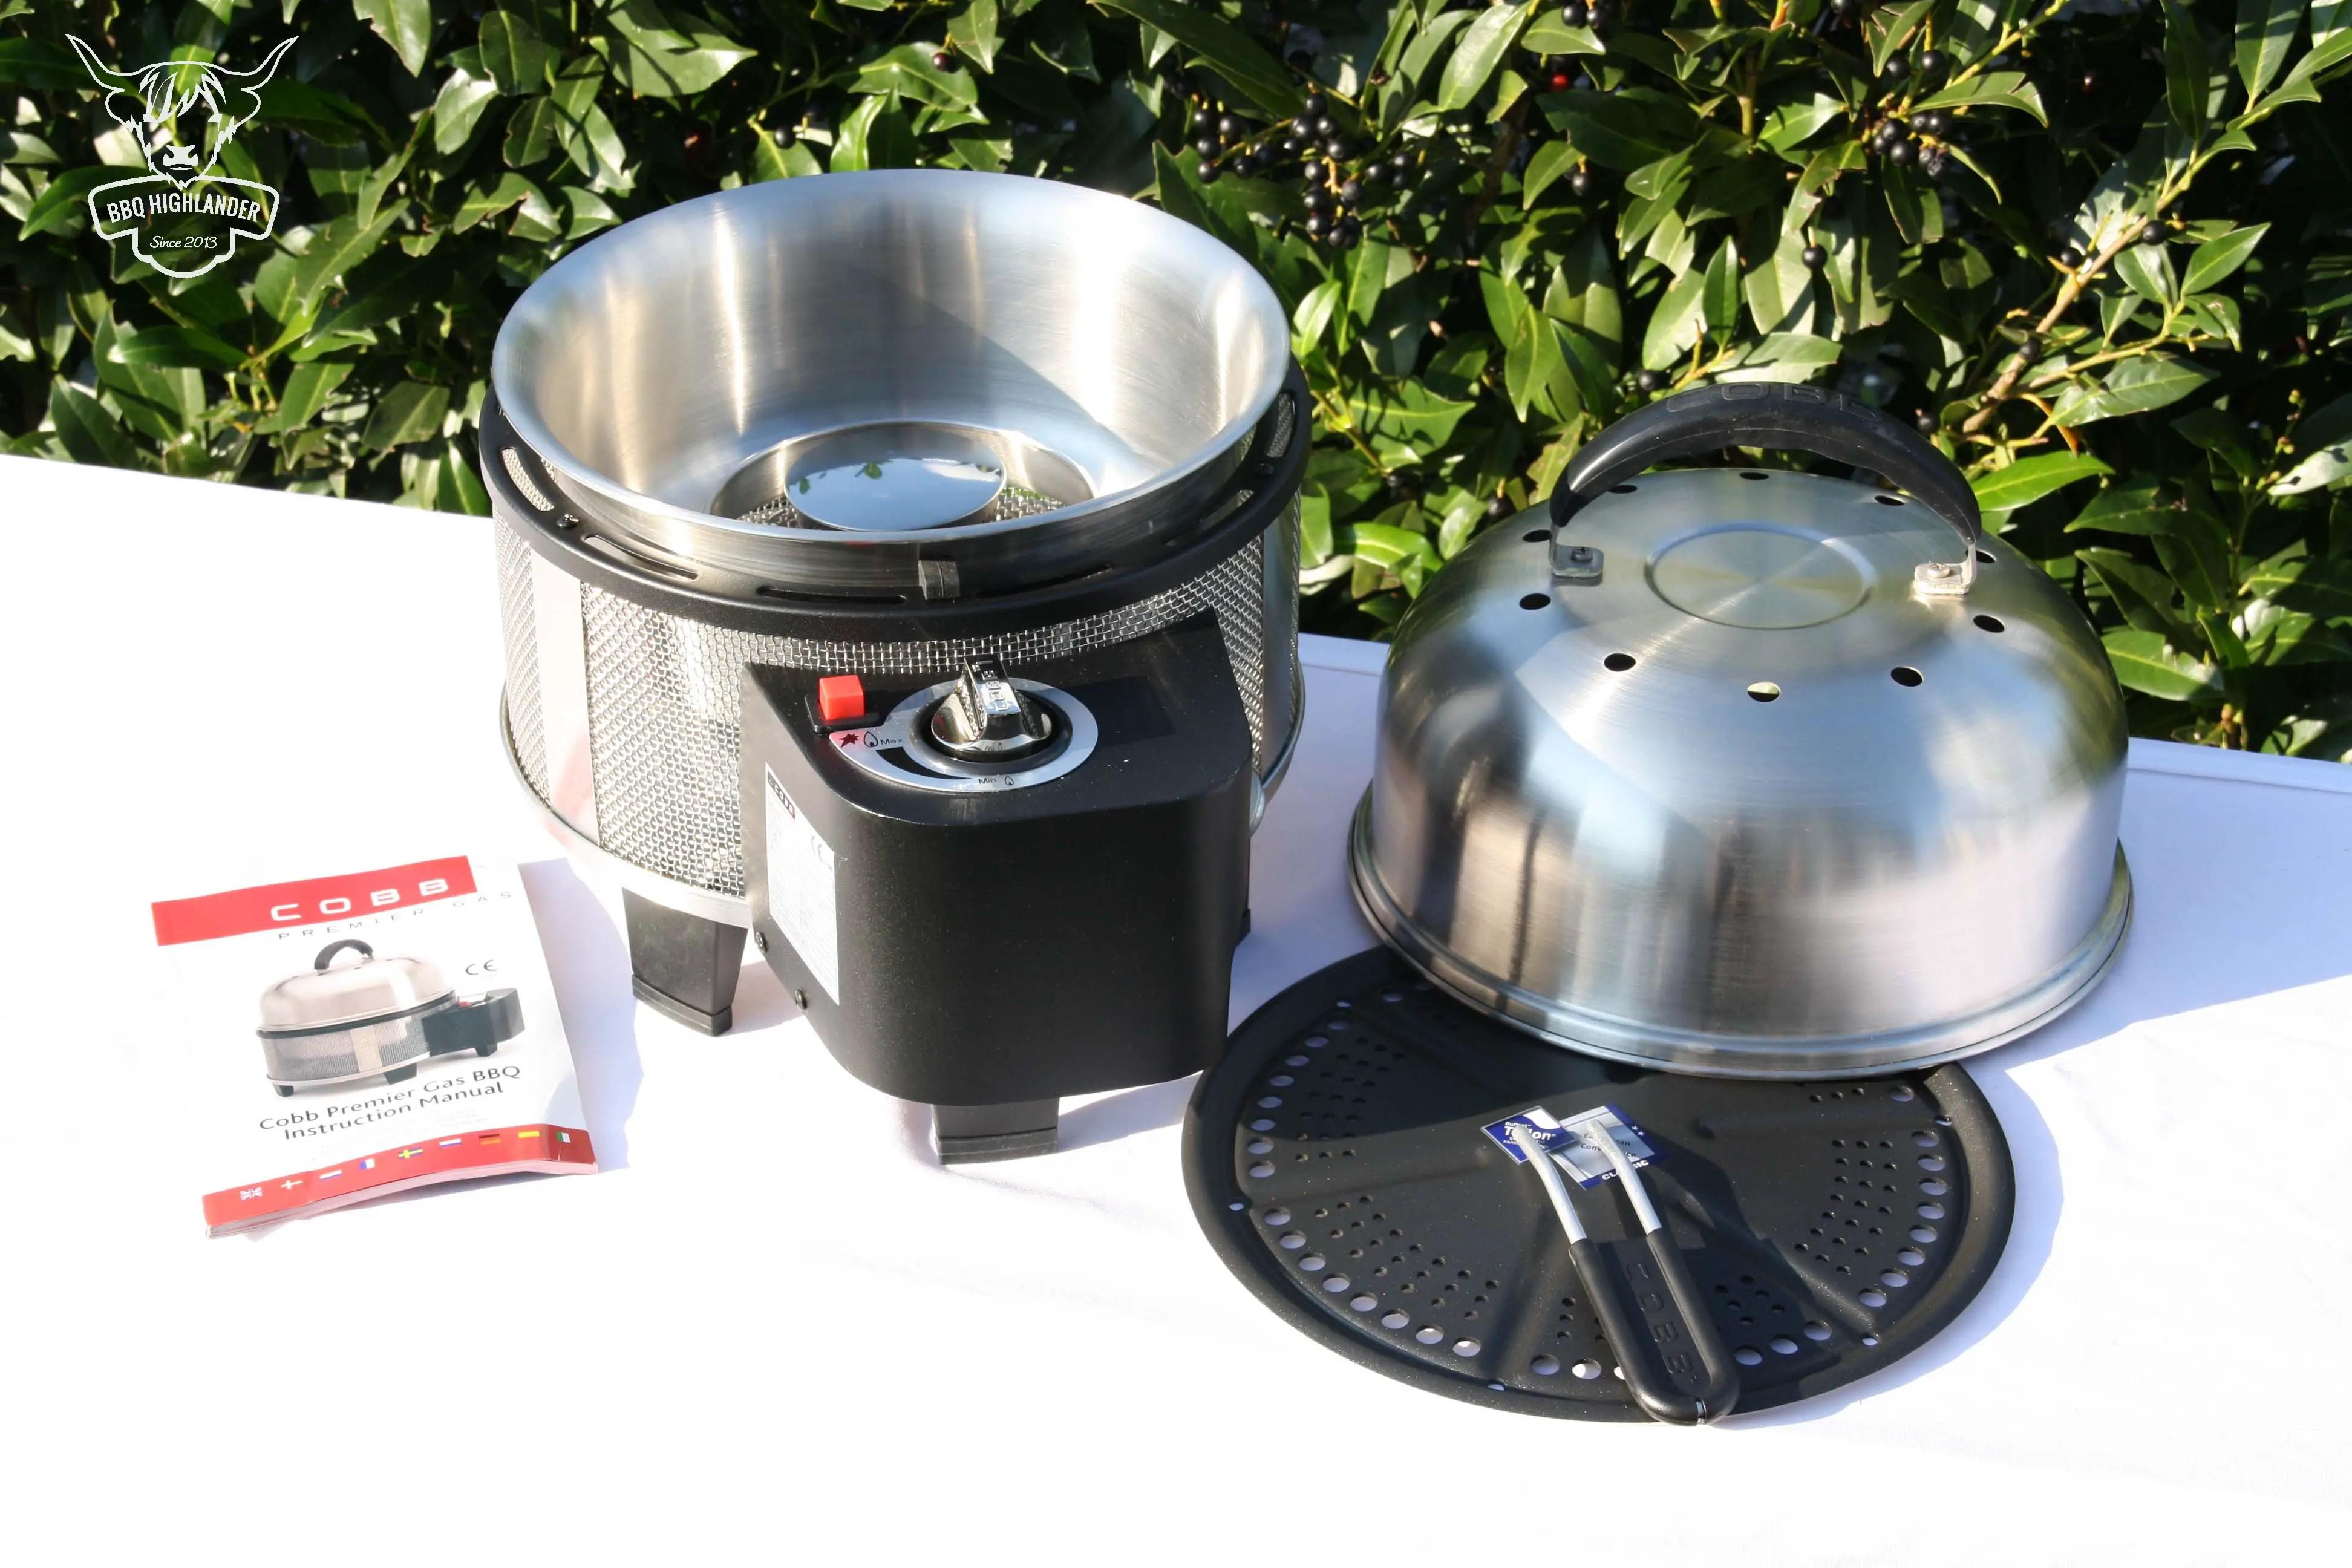 einweihung des neuen cobb premier gas grill bbq highlander. Black Bedroom Furniture Sets. Home Design Ideas